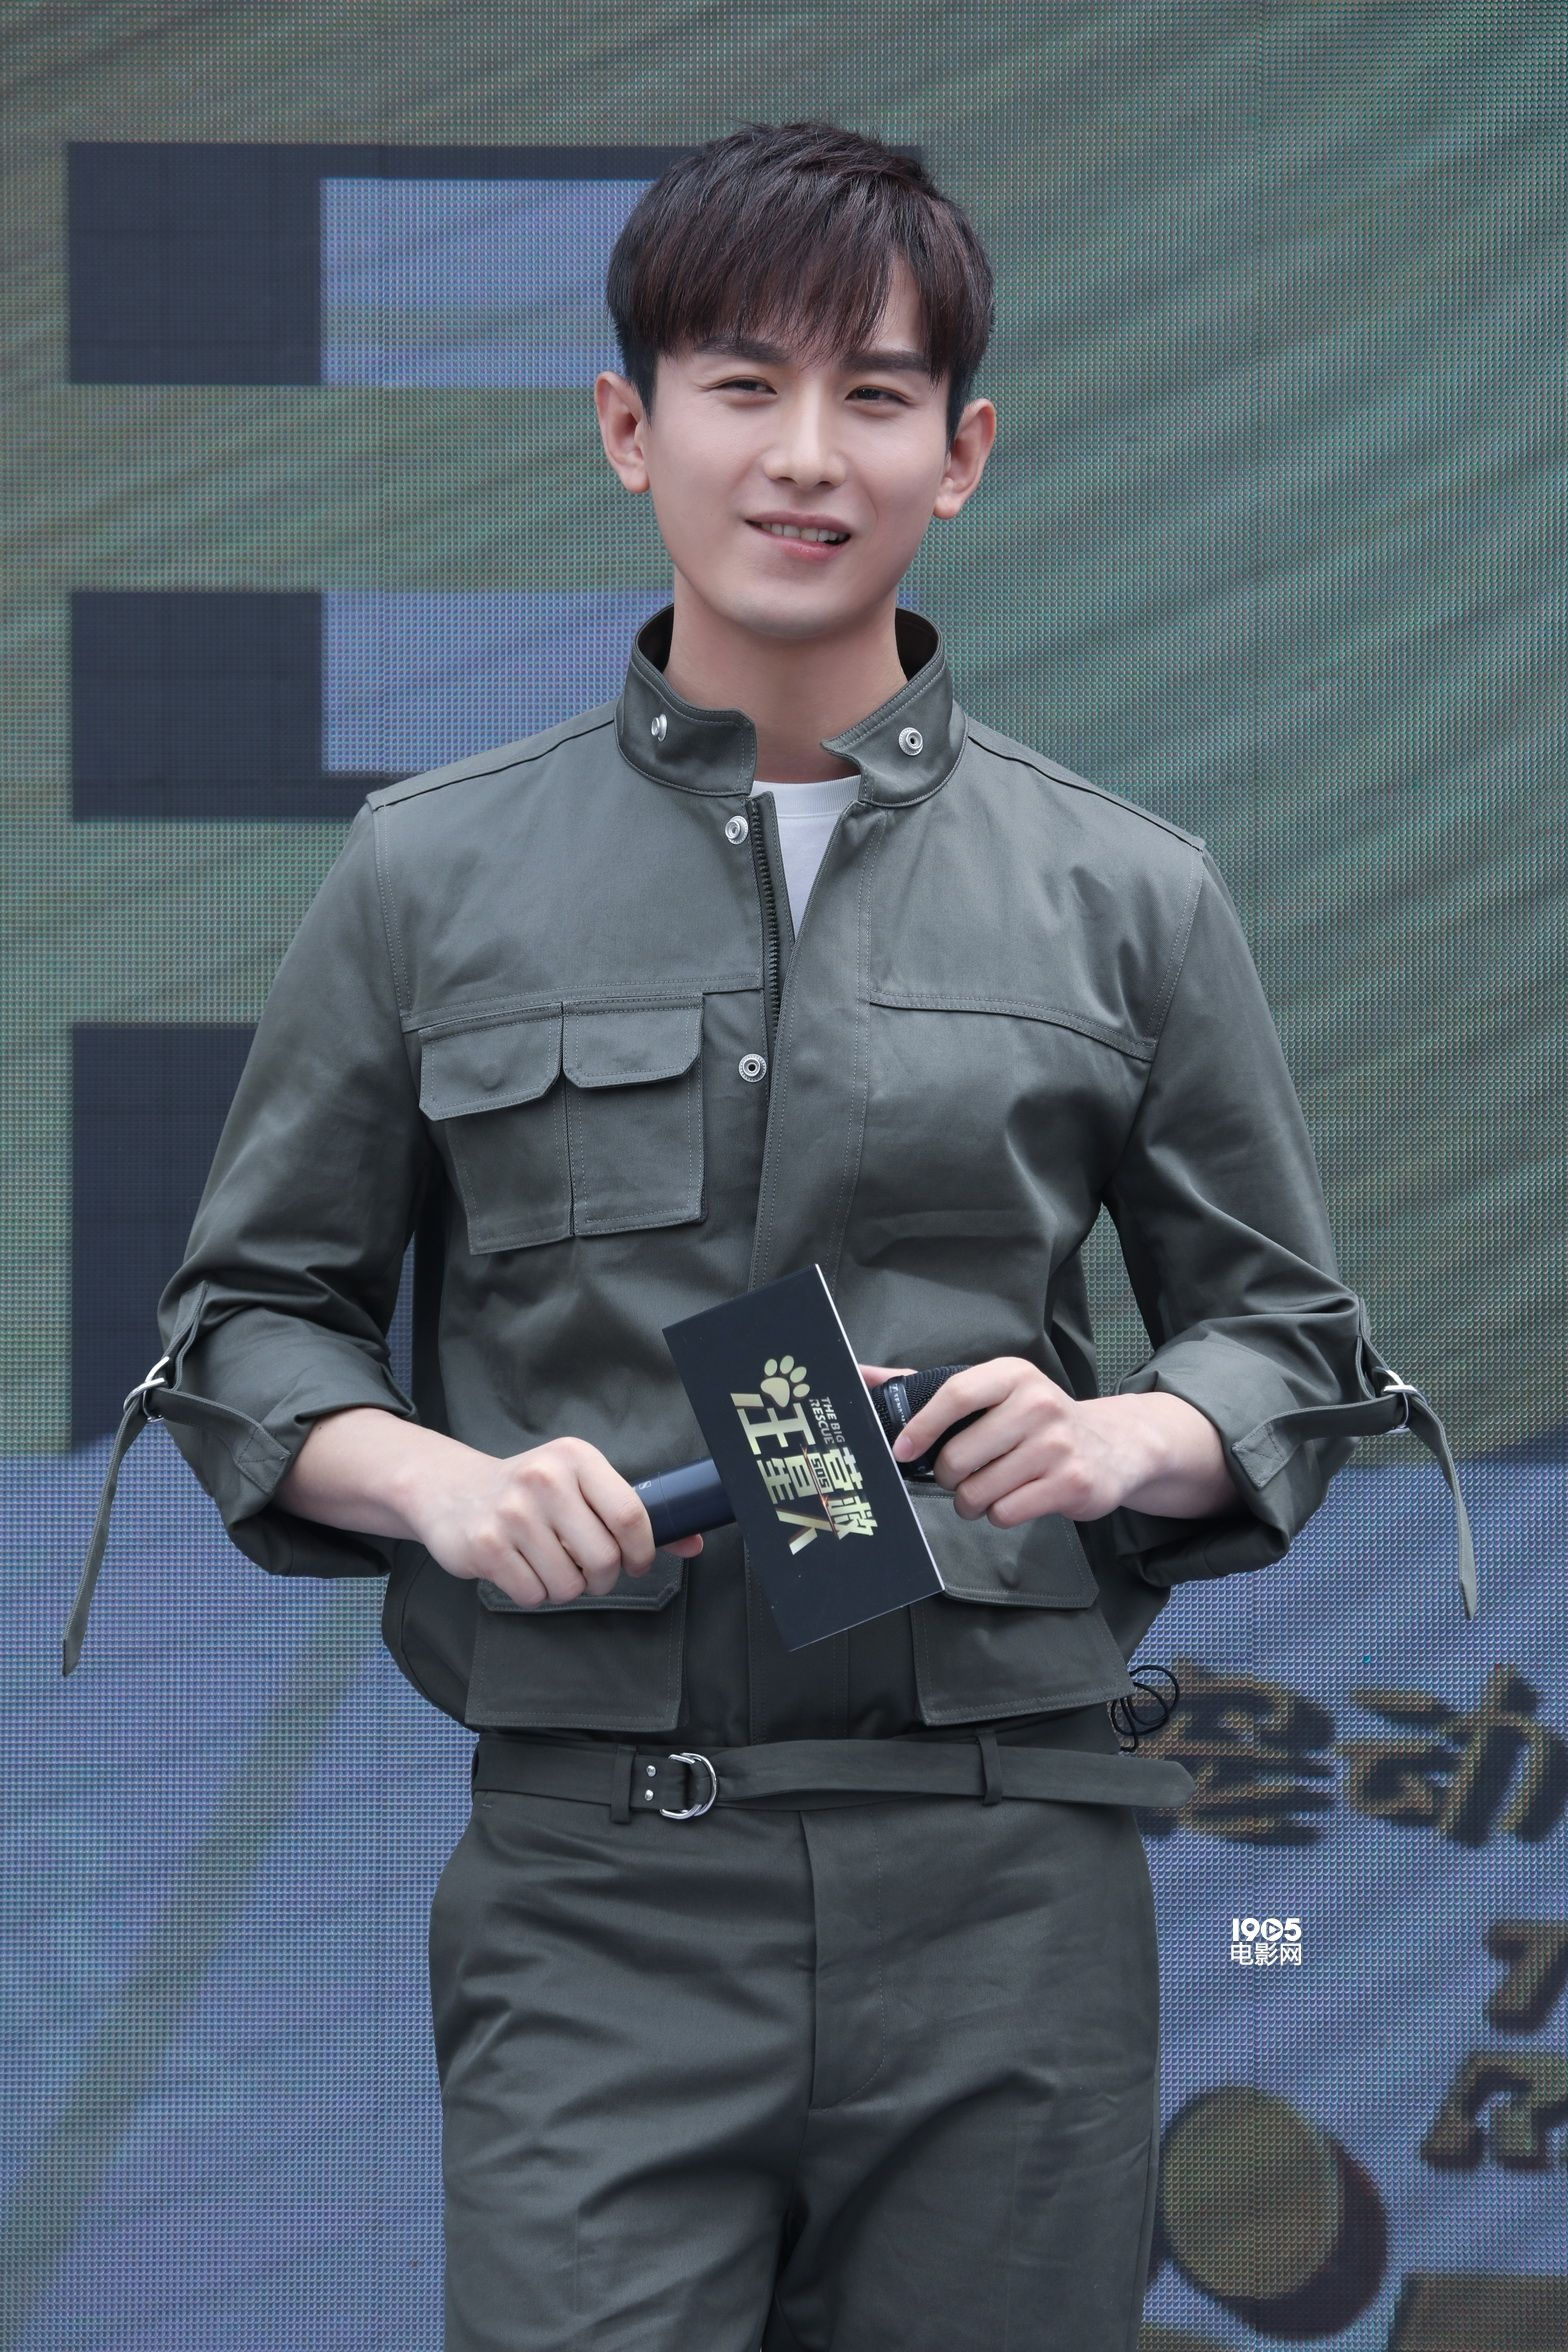 陈翔成毅最适合演的角色不是深情男主而是大反派